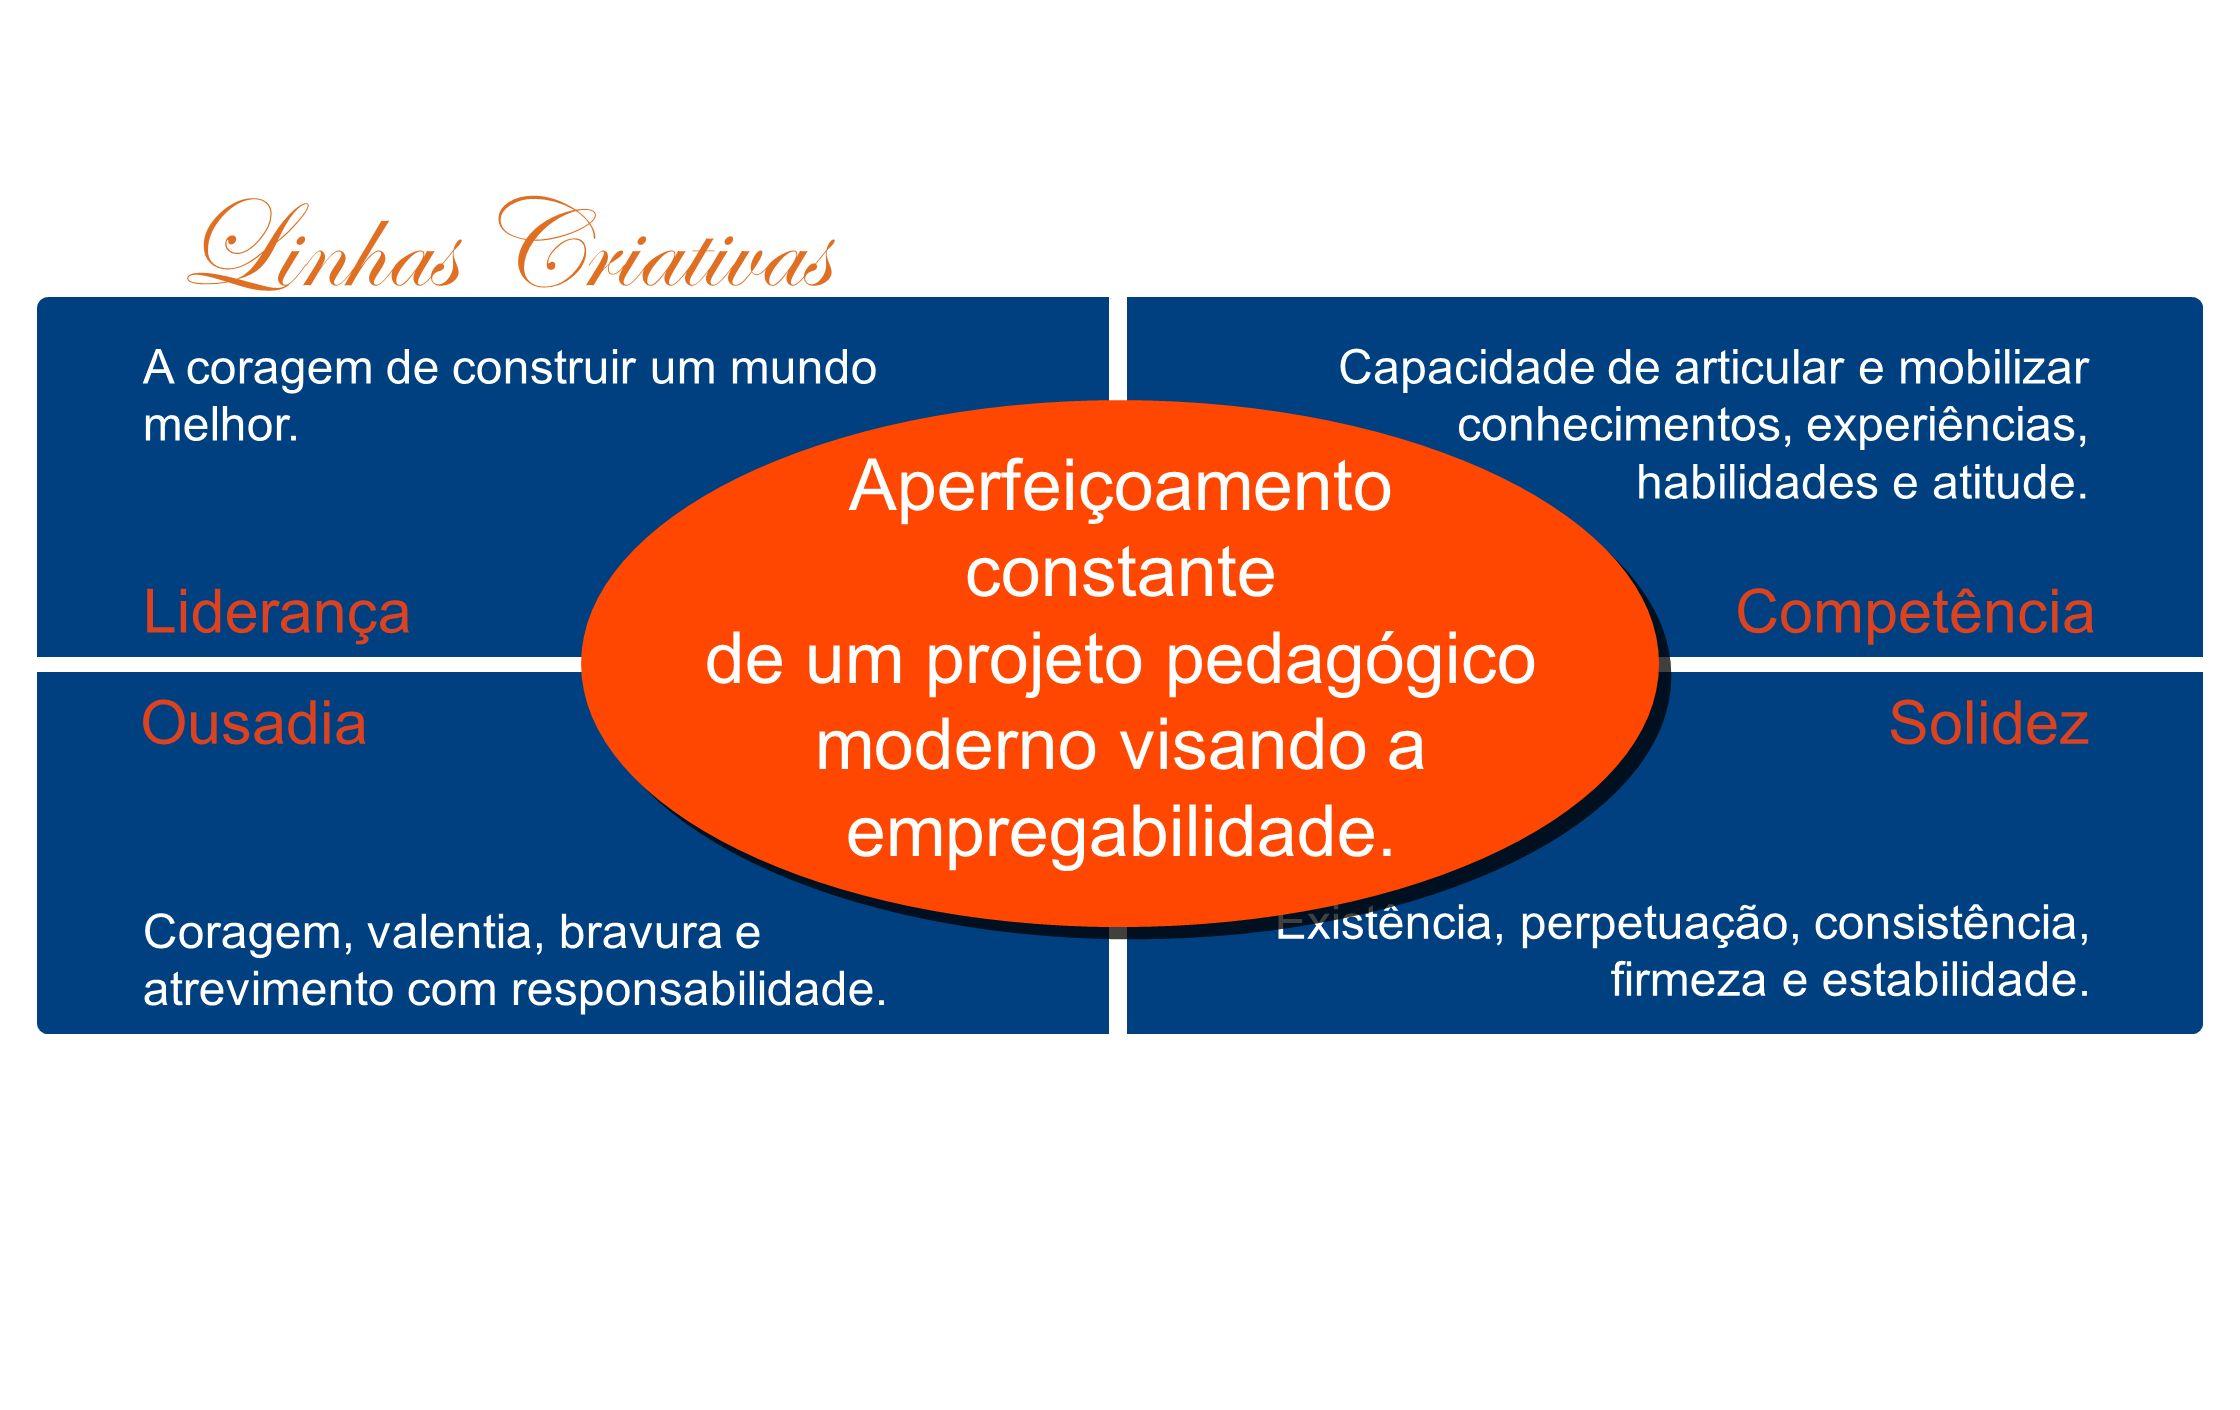 de um projeto pedagógico moderno visando a empregabilidade.